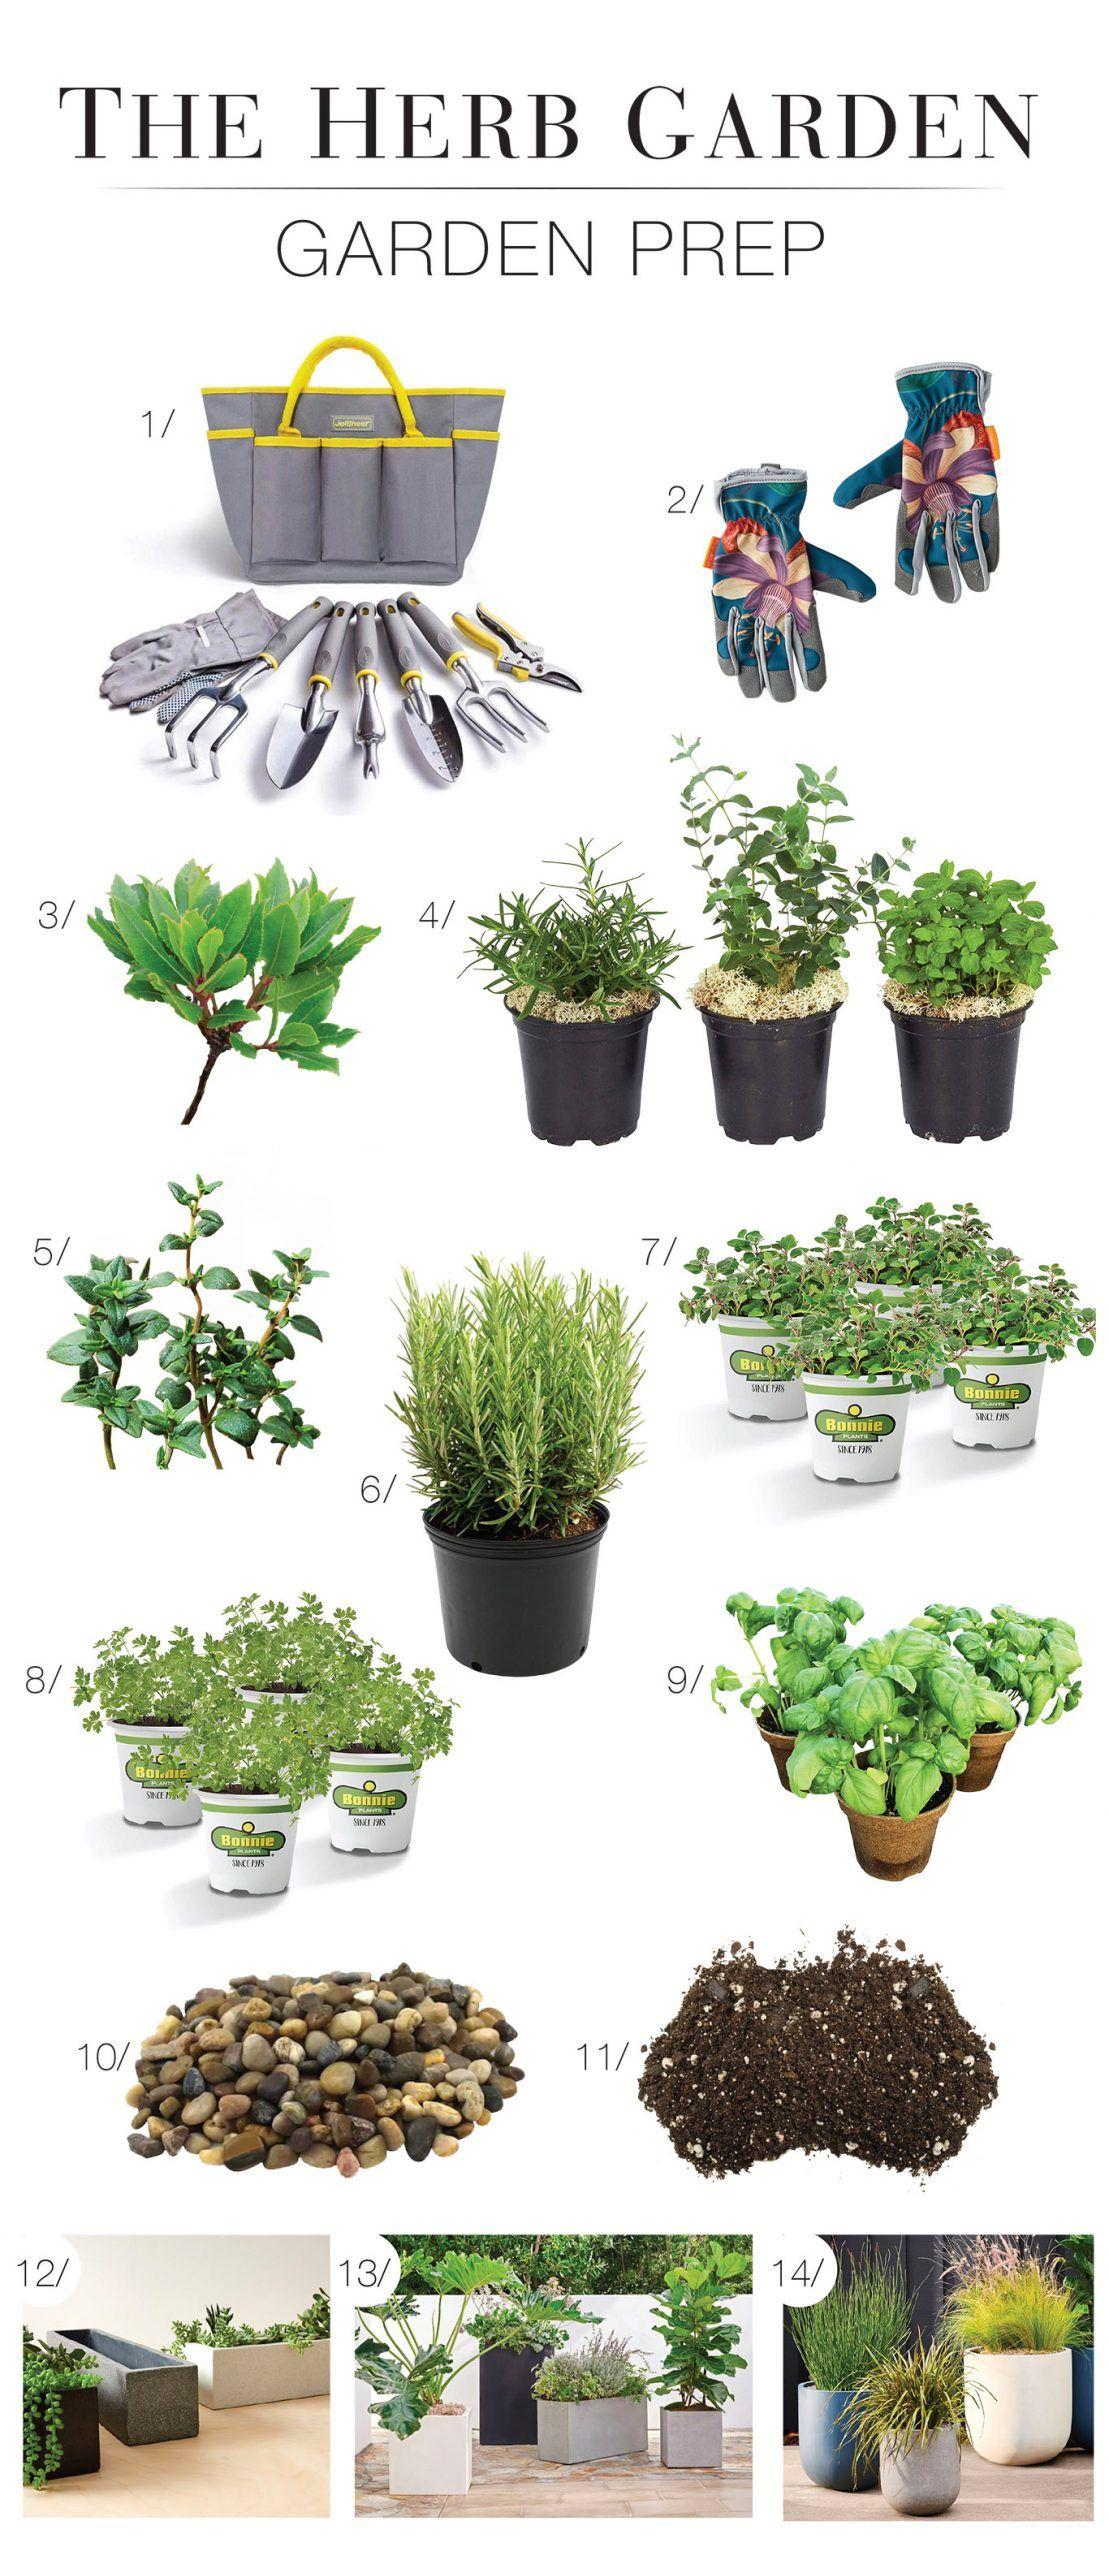 homegrown easy kitchen herb garden ideas in 2020 herb garden pots herb garden in kitchen on outdoor kitchen herb garden id=42216